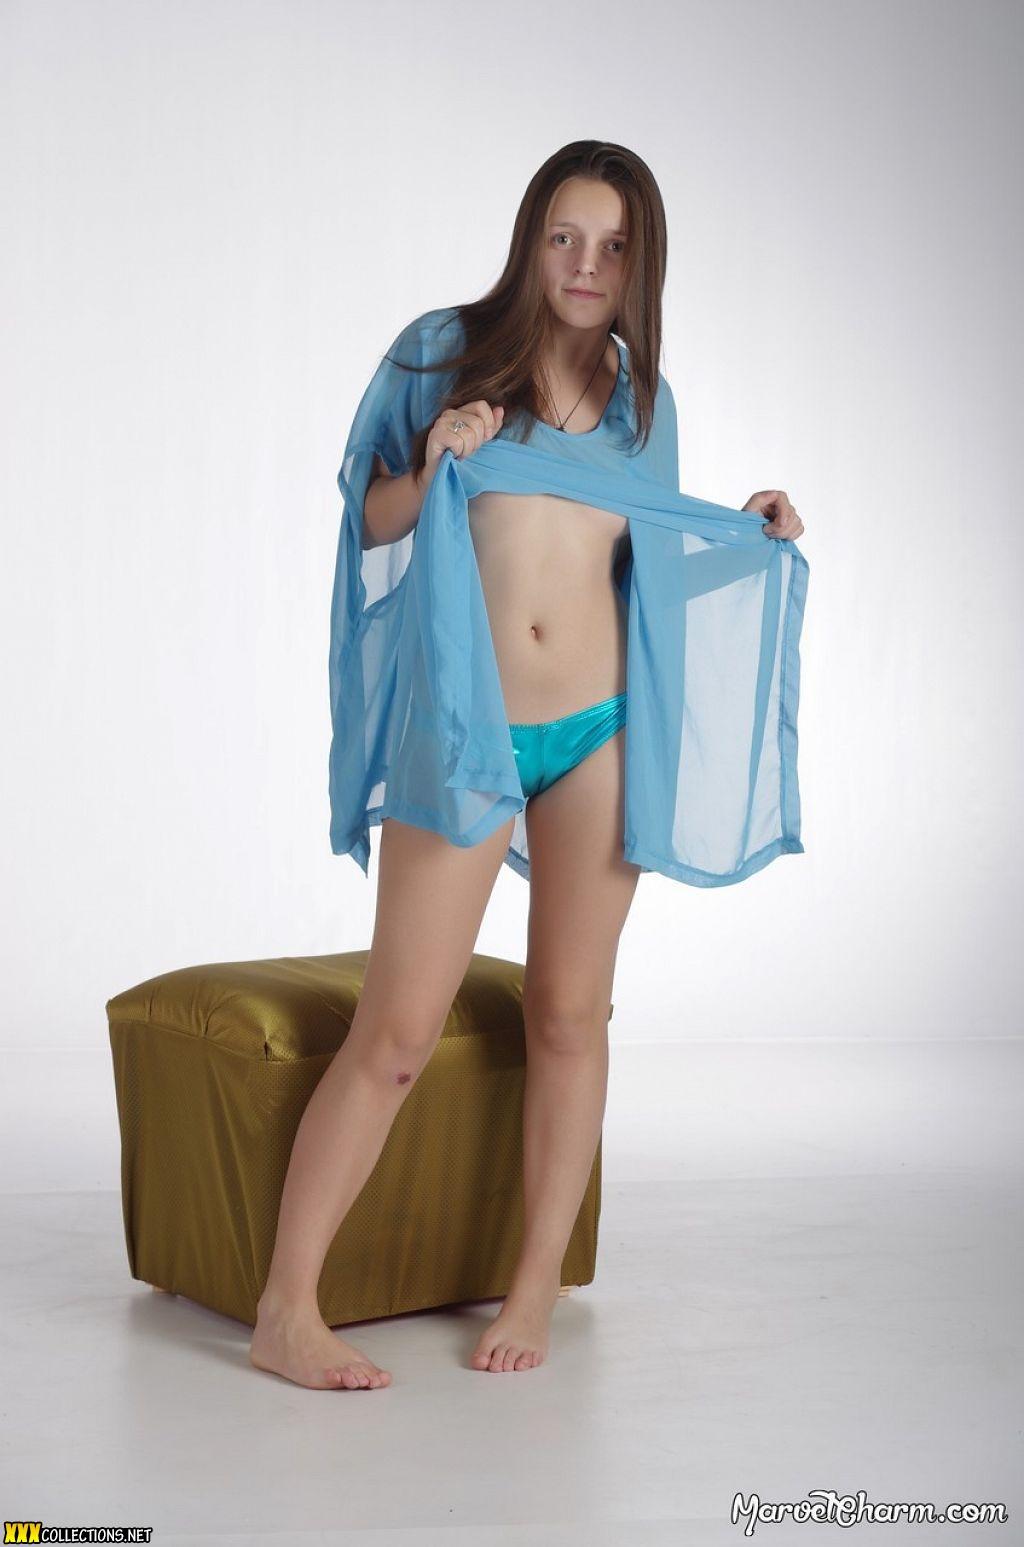 Playboy bikini shots